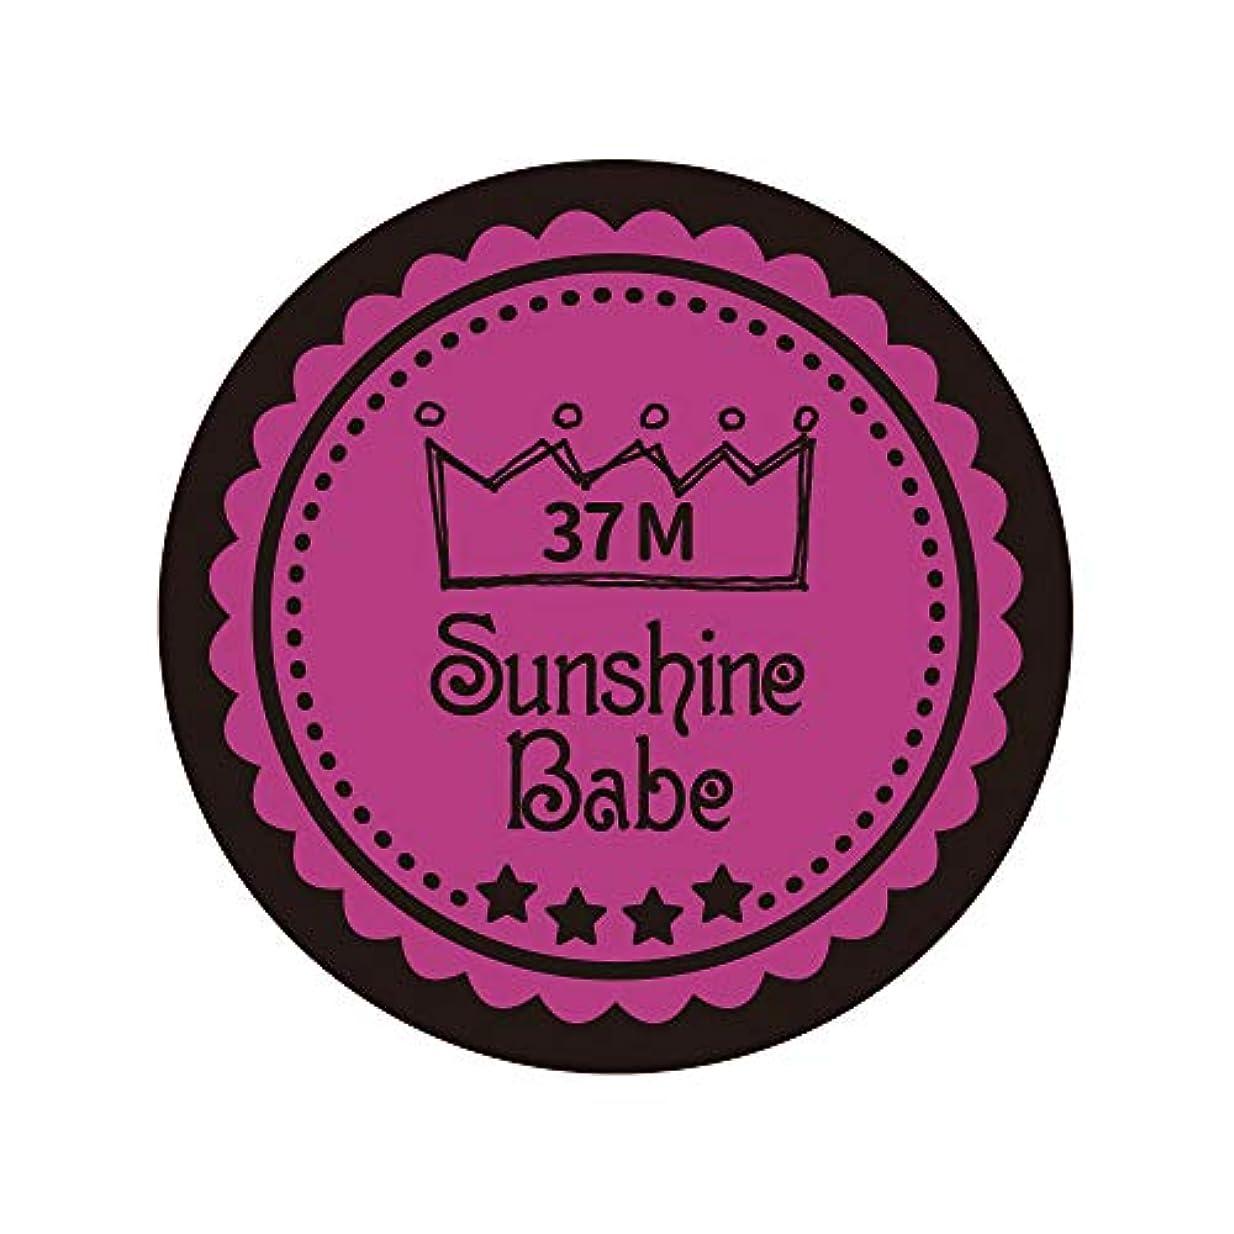 補充シャックル主張するSunshine Babe カラージェル 37M フューシャピンク 2.7g UV/LED対応